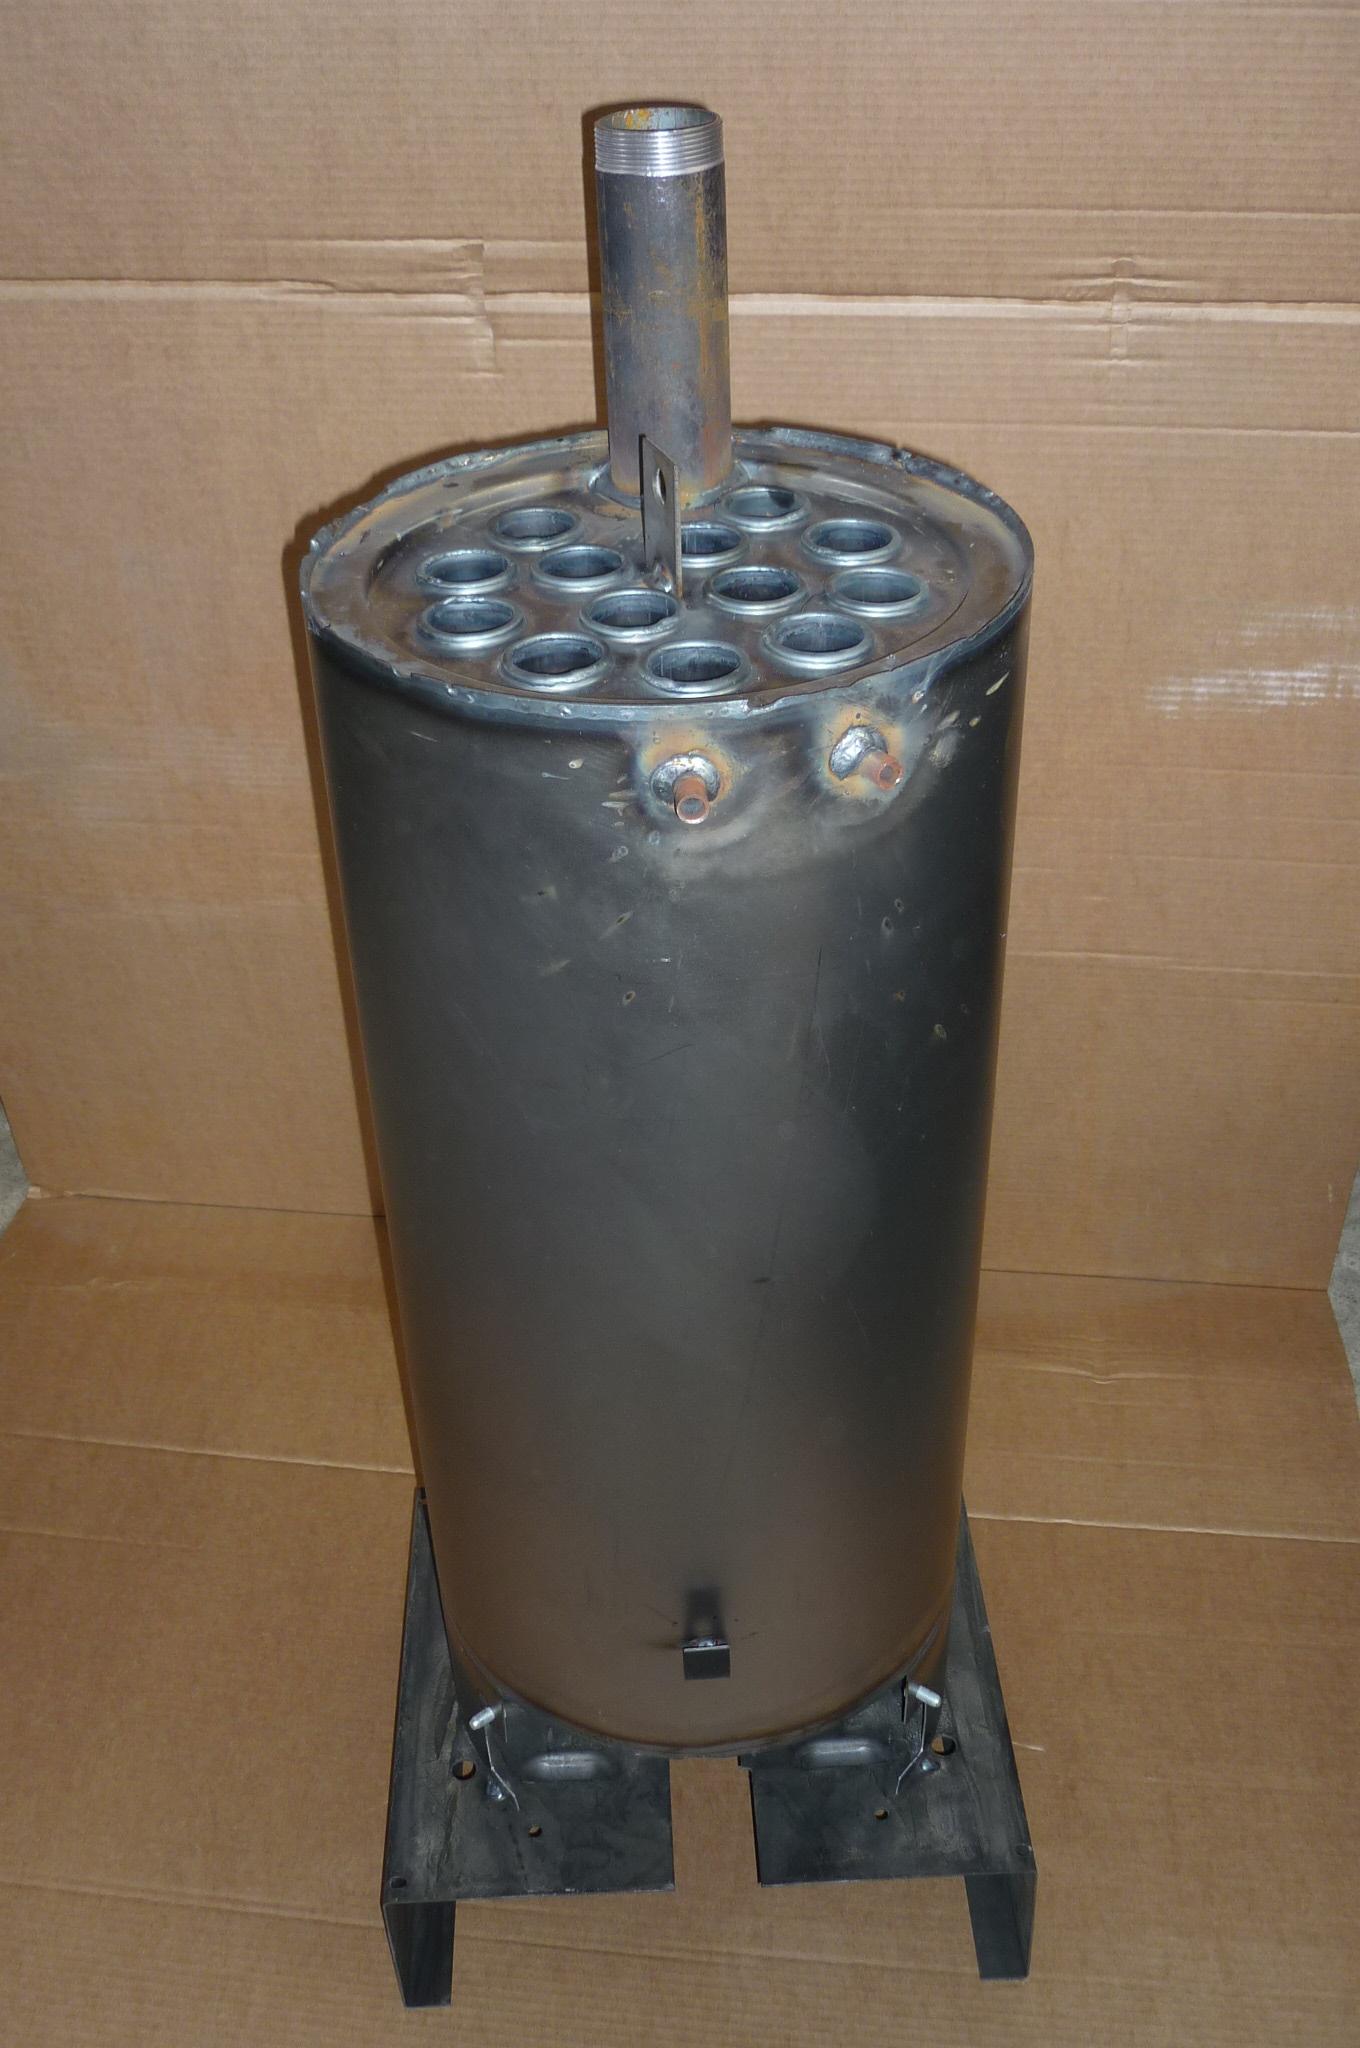 Теплообменник для котлов аогв краснодар как и чем промыть медный теплообменник от накипи в проточном газовом водонагревателе